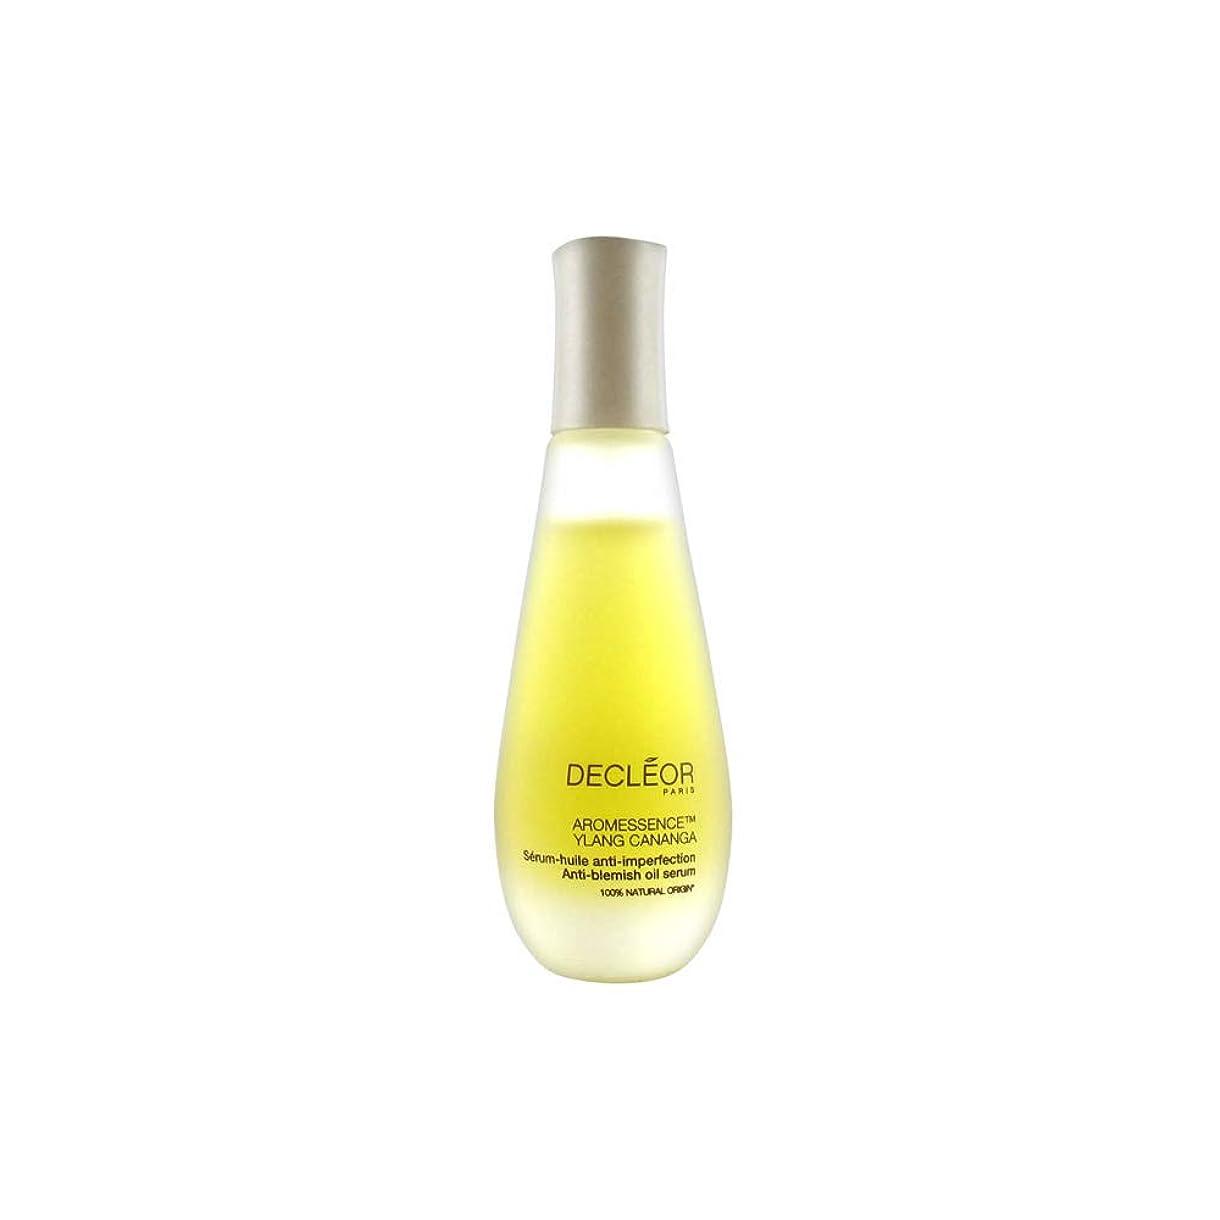 ネイティブロープ休眠デクレオール Aromessence Ylang Cananga Anti-Blemish Oil Serum - For Combination to Oily Skin 15ml/0.5oz並行輸入品